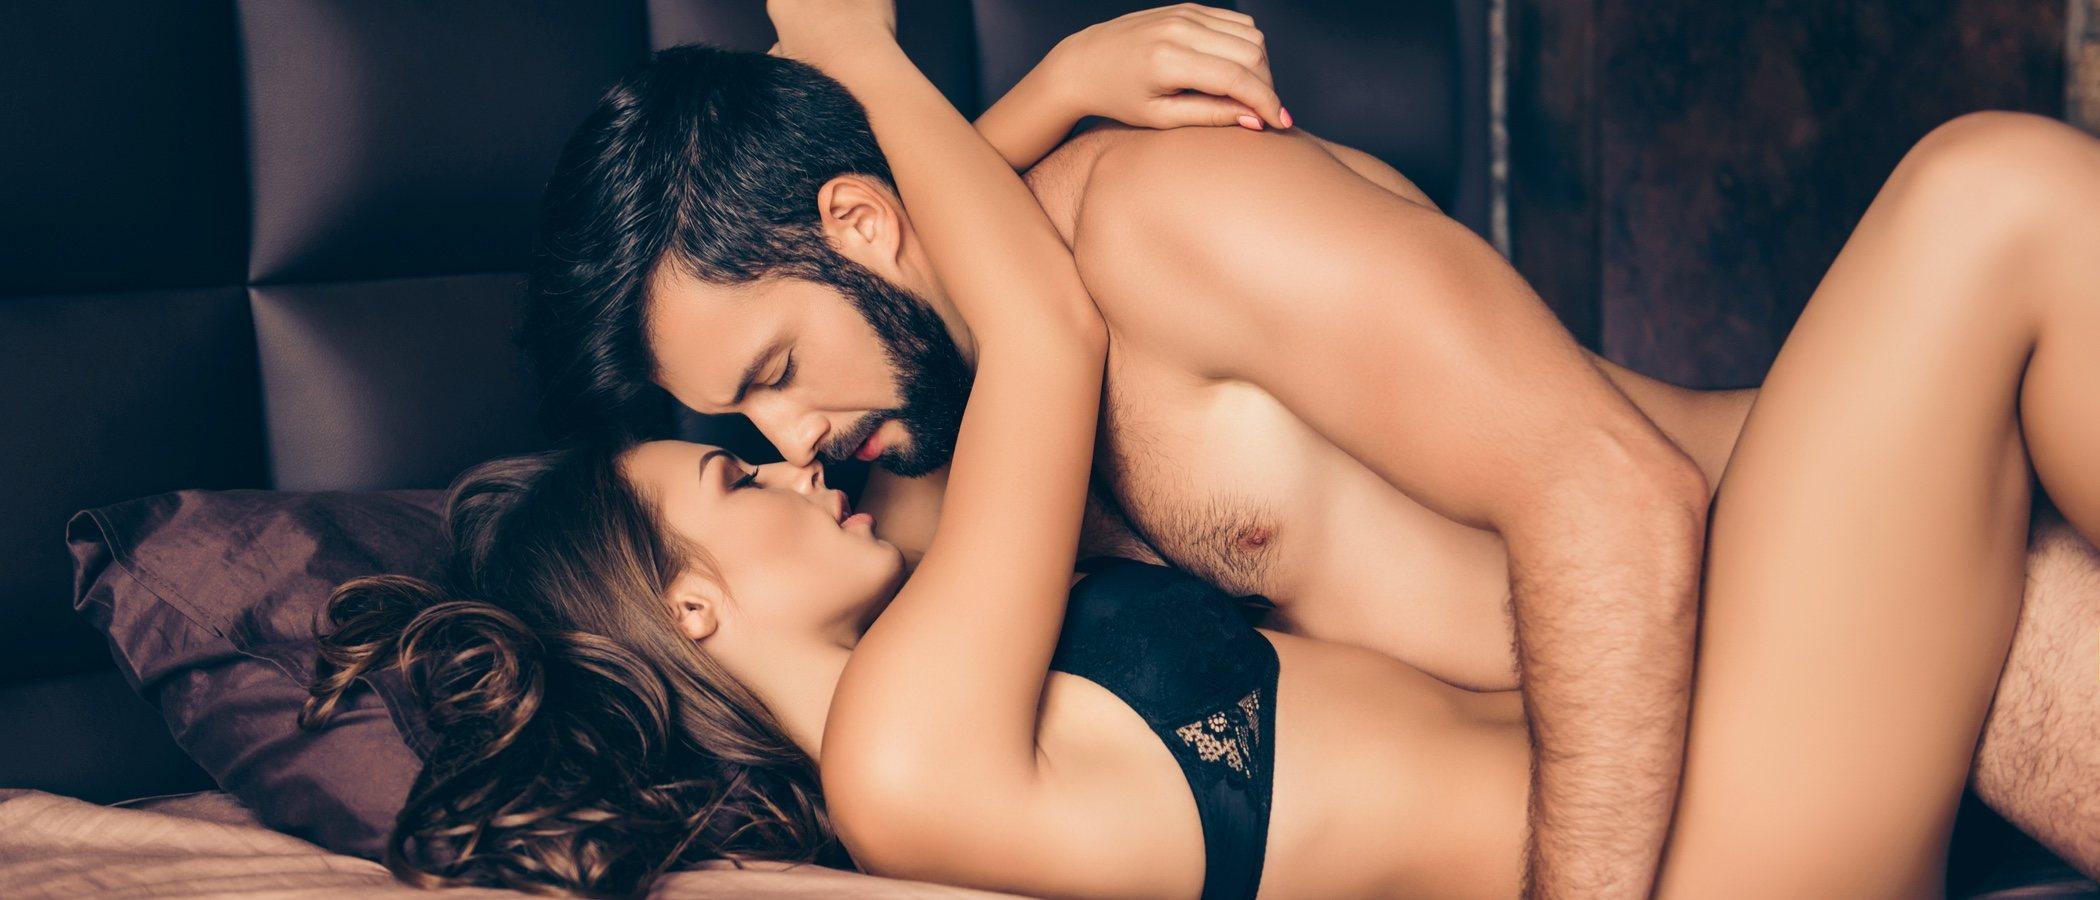 Horóscopo sexual junio 2019: Piscis